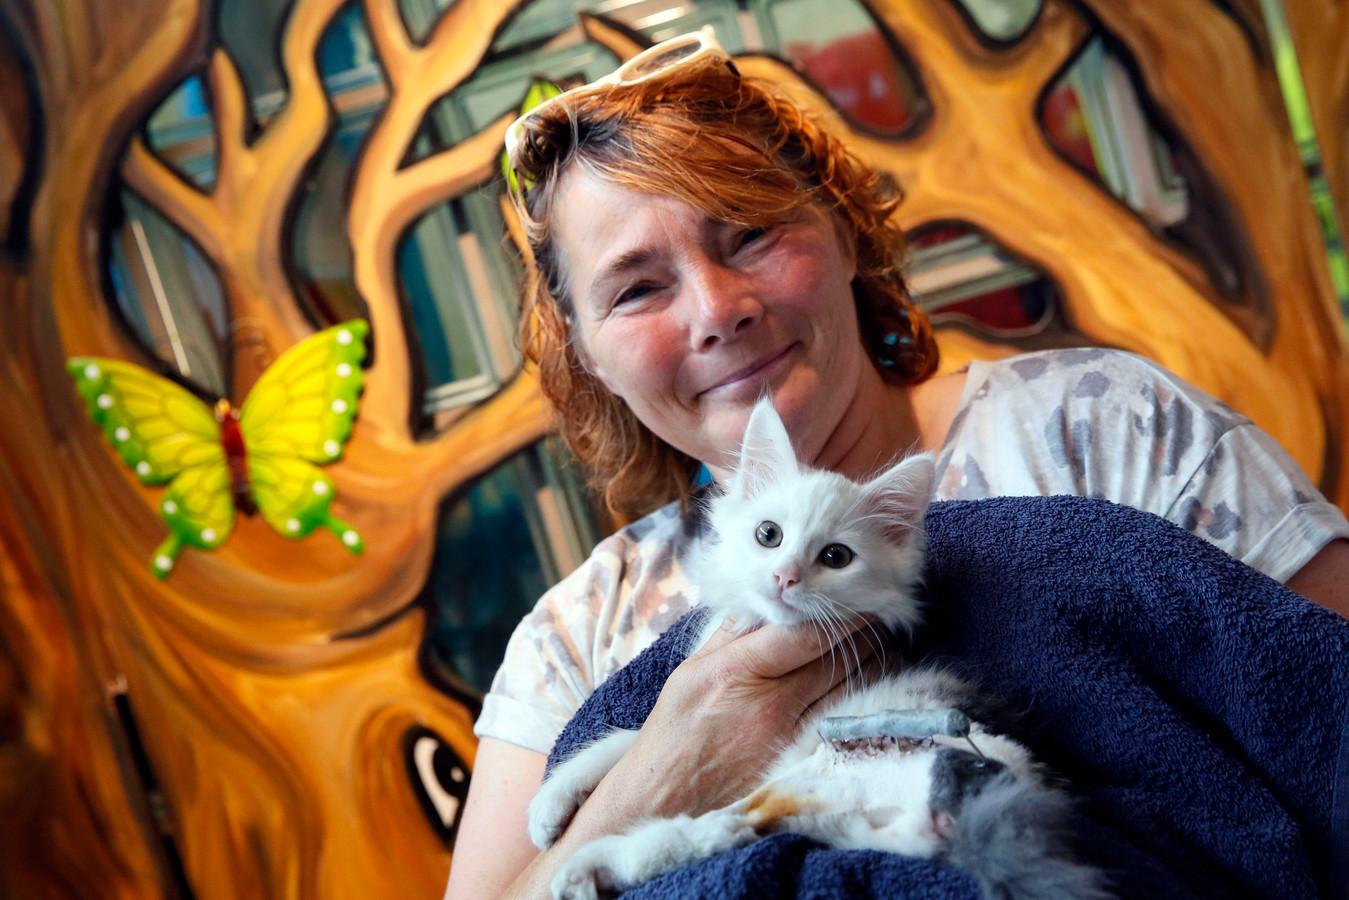 Cora Rikkelman met een kat uit het dierenasiel (archiefbeeld).